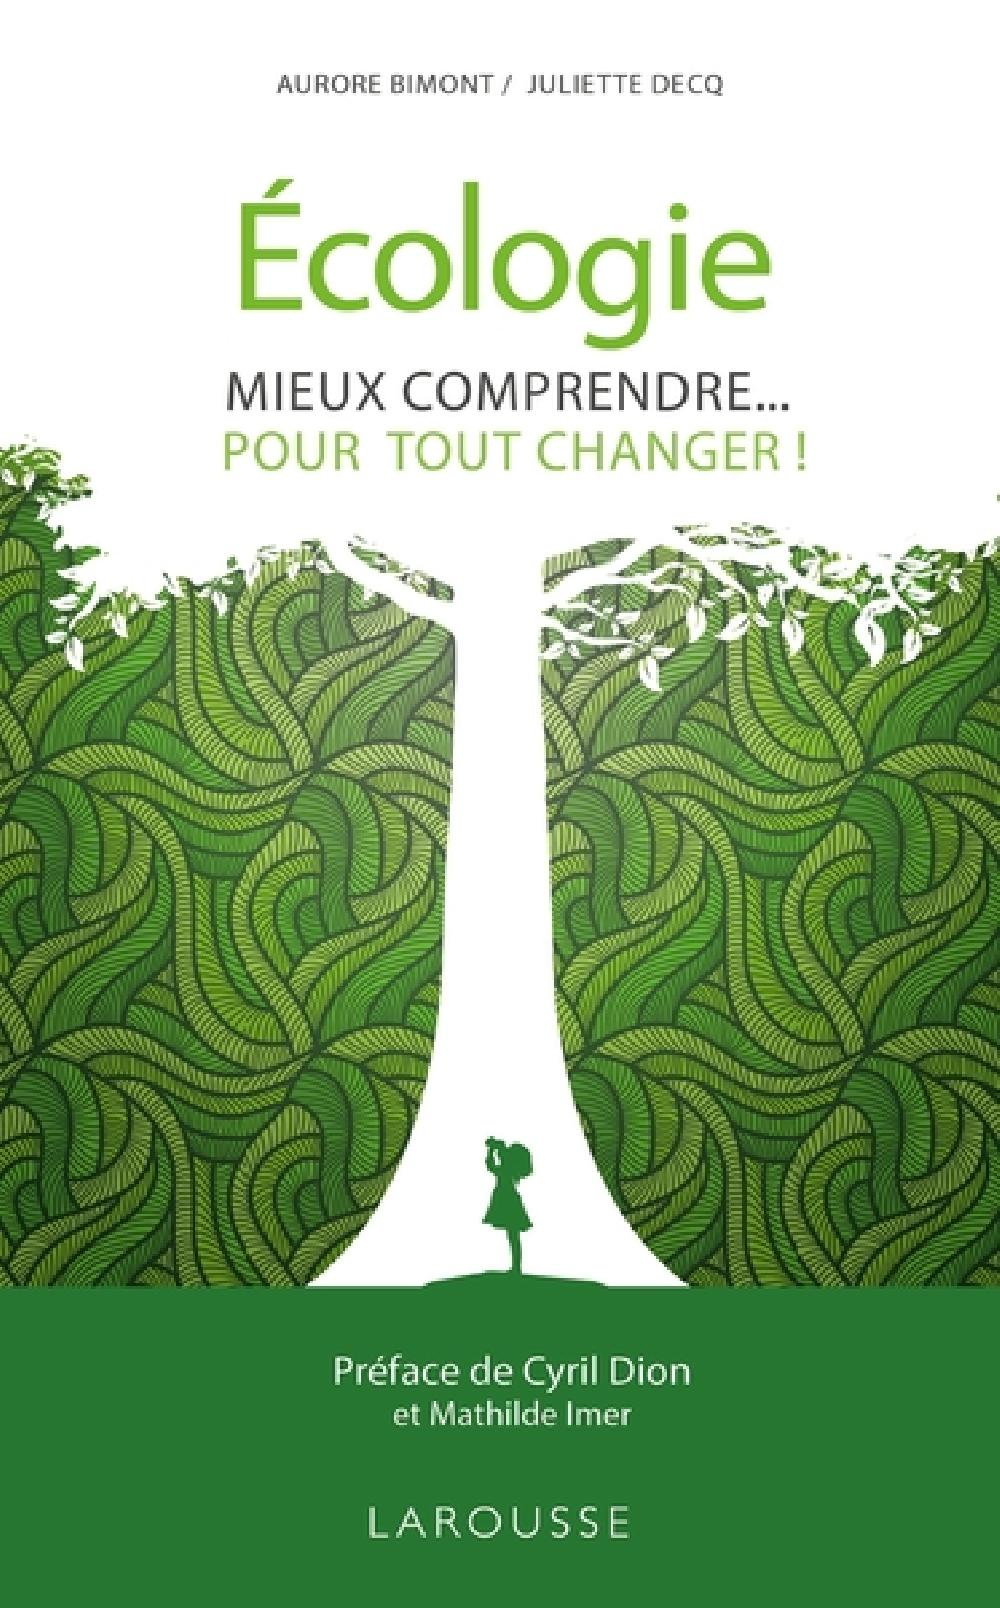 Ecologie - Mieux comprendre... pour tout changer !